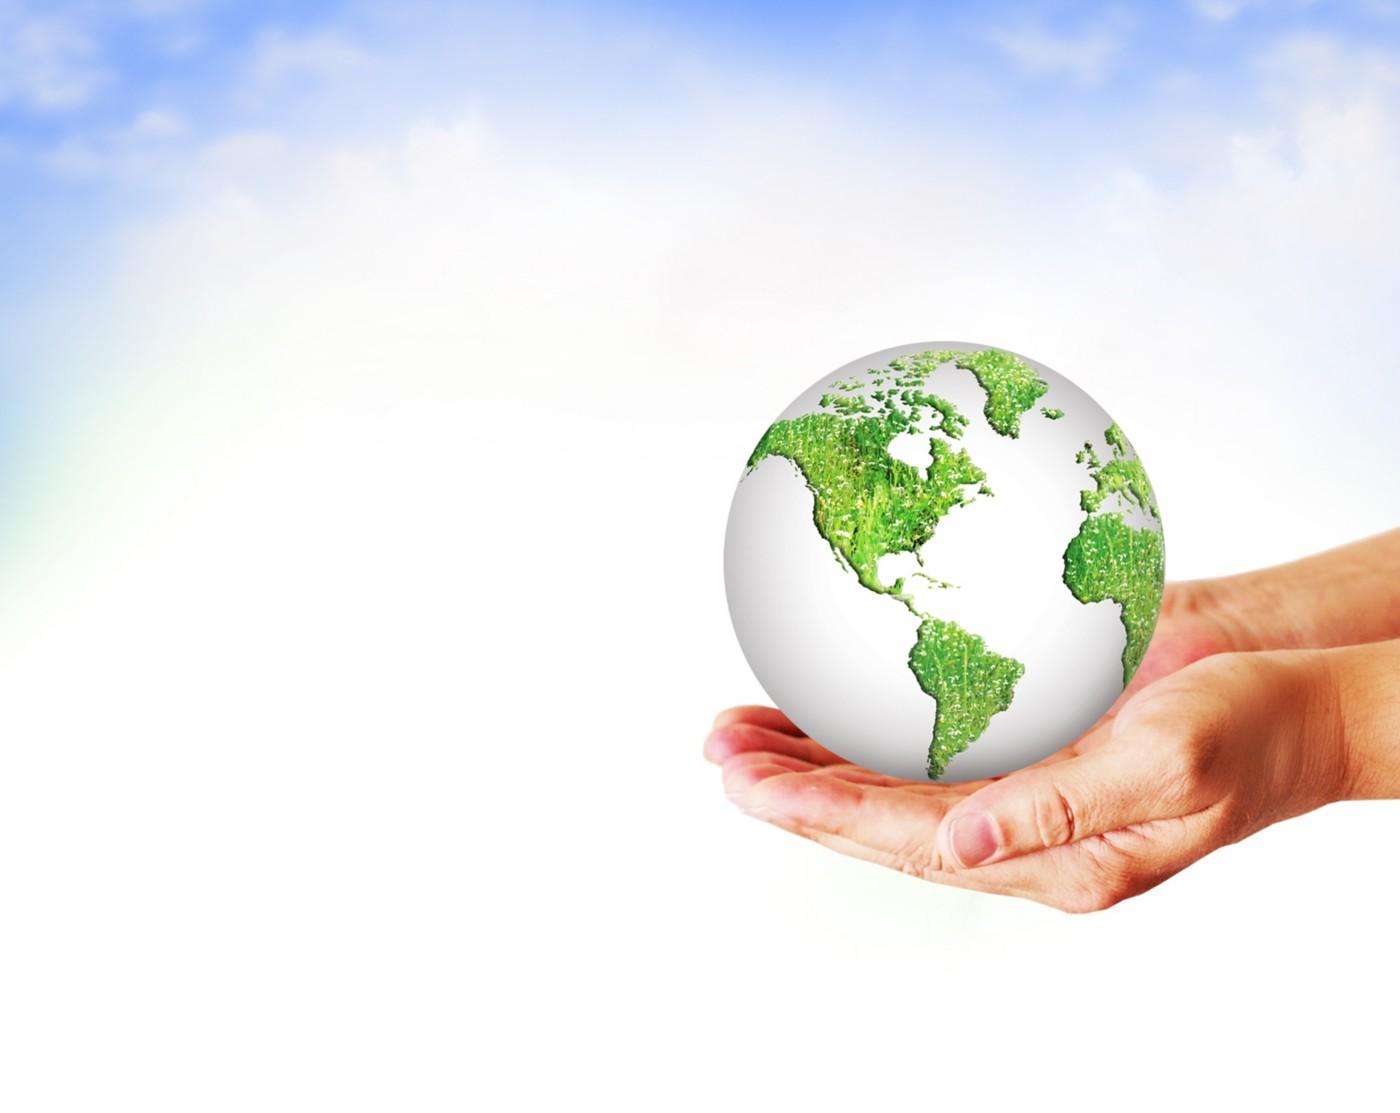 Un globe terrestre maintenu par des mains